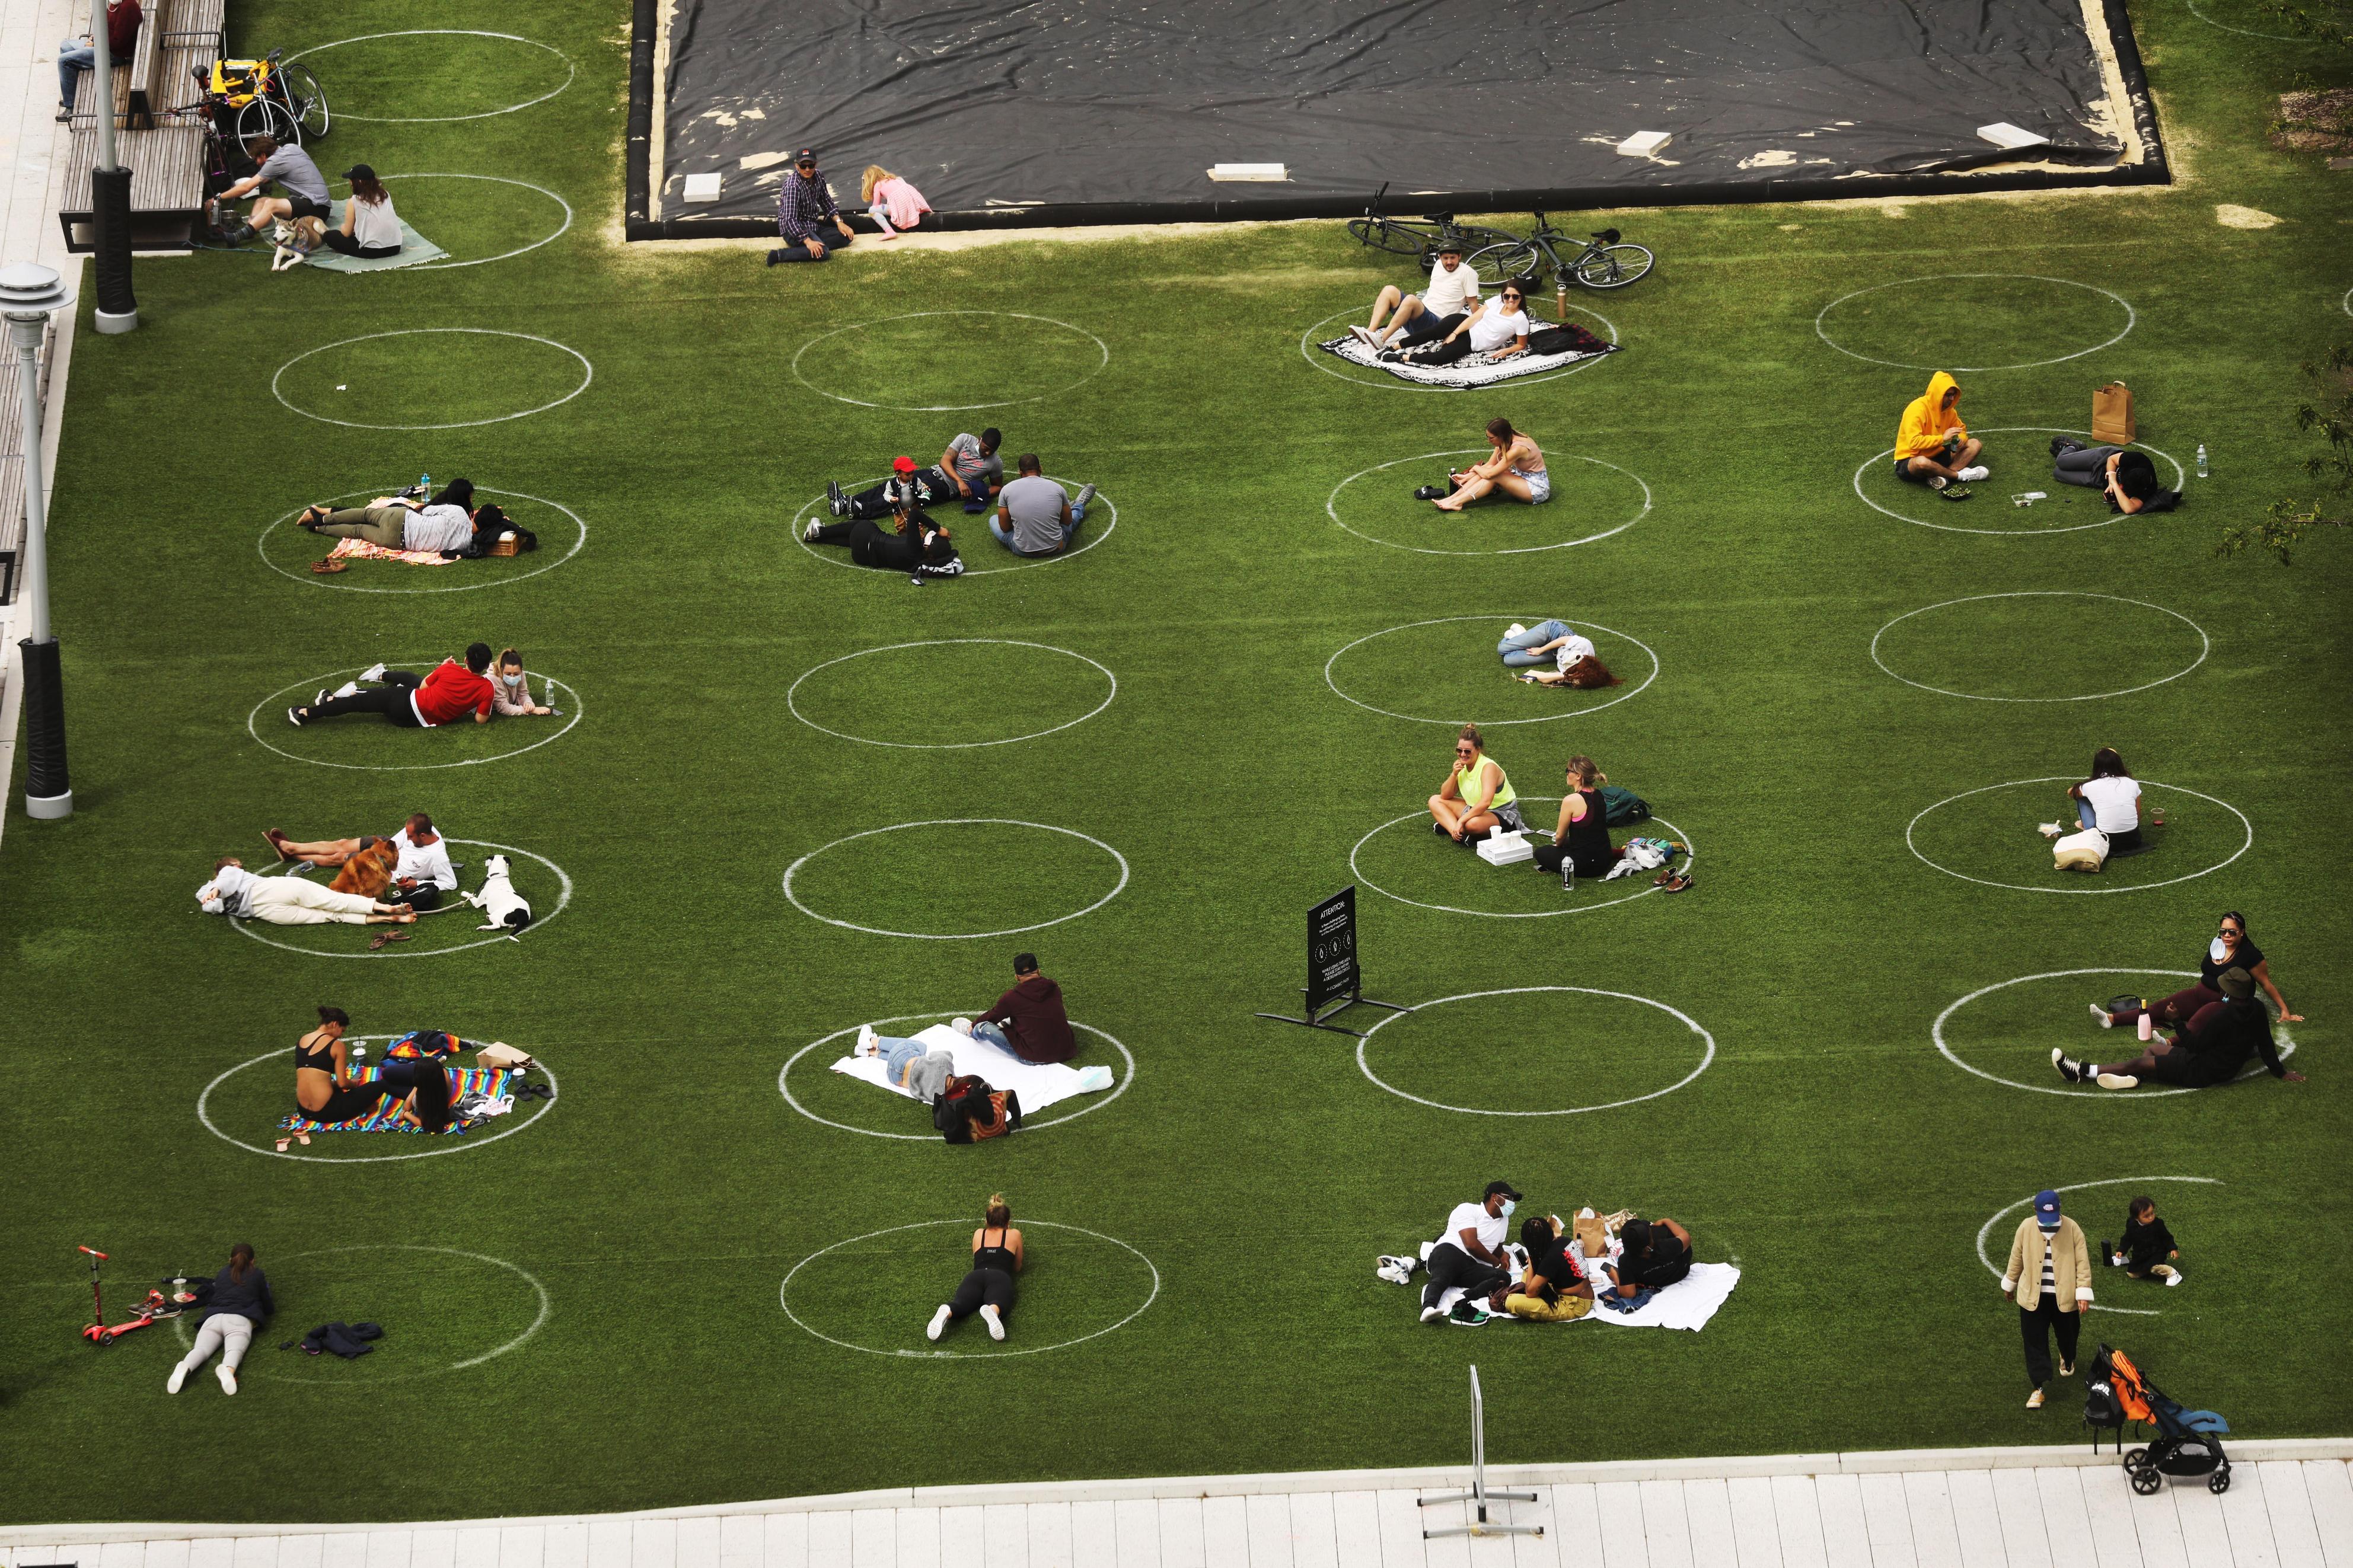 距離を保つための円の中に座る人々=18日、ニューヨーク(ゲッティ=共同)